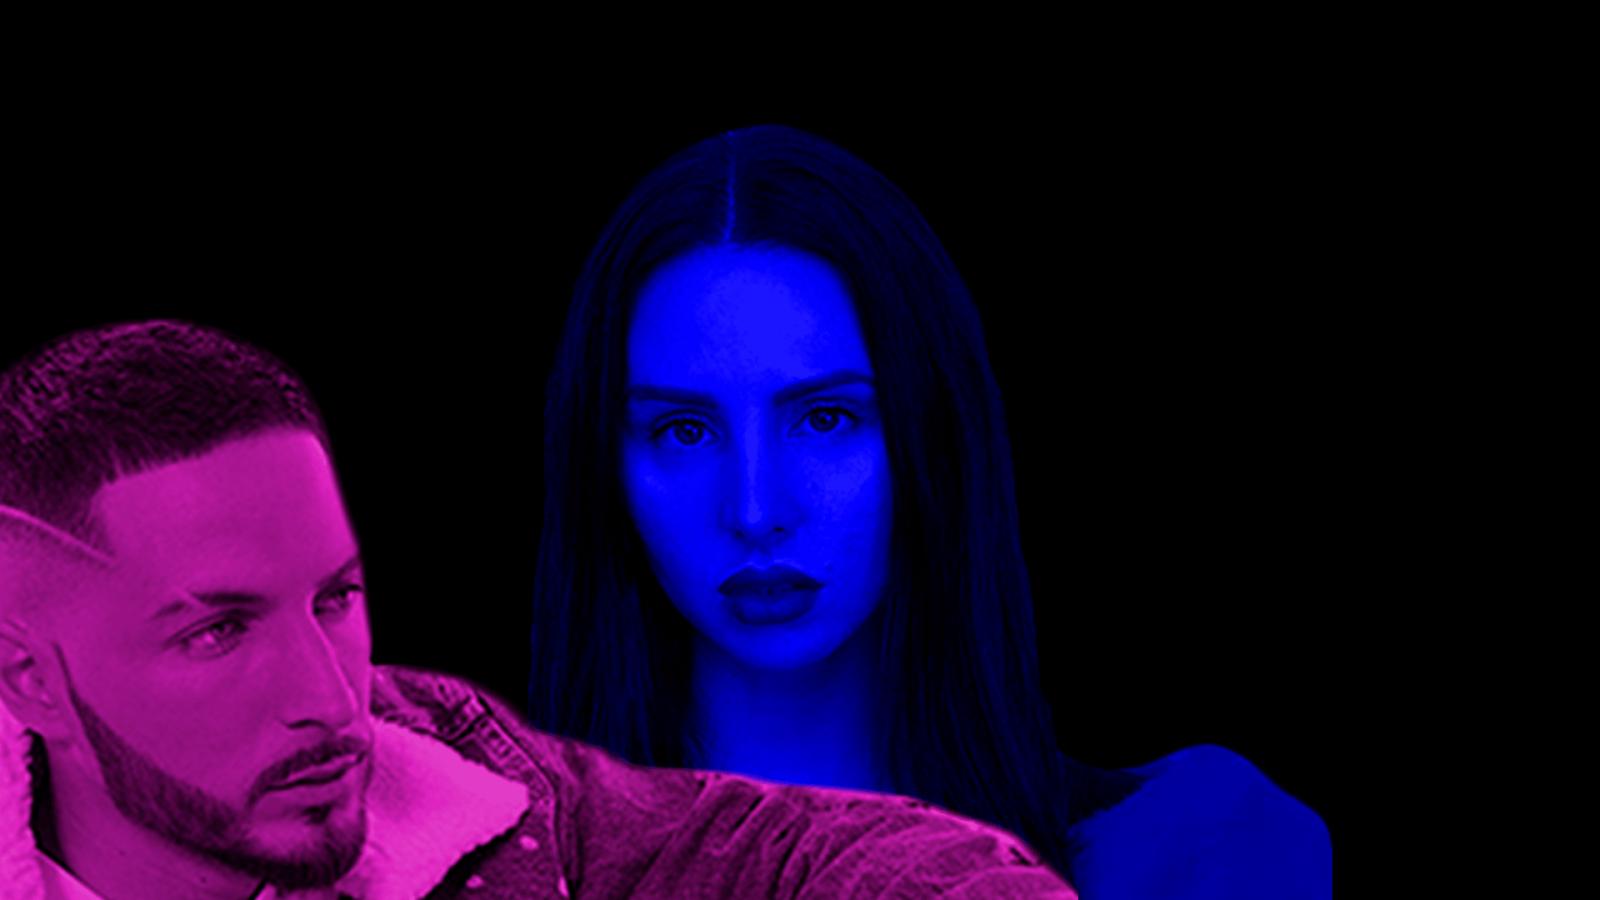 La maldad según La Mala Rodríguez y Nyno Vargas